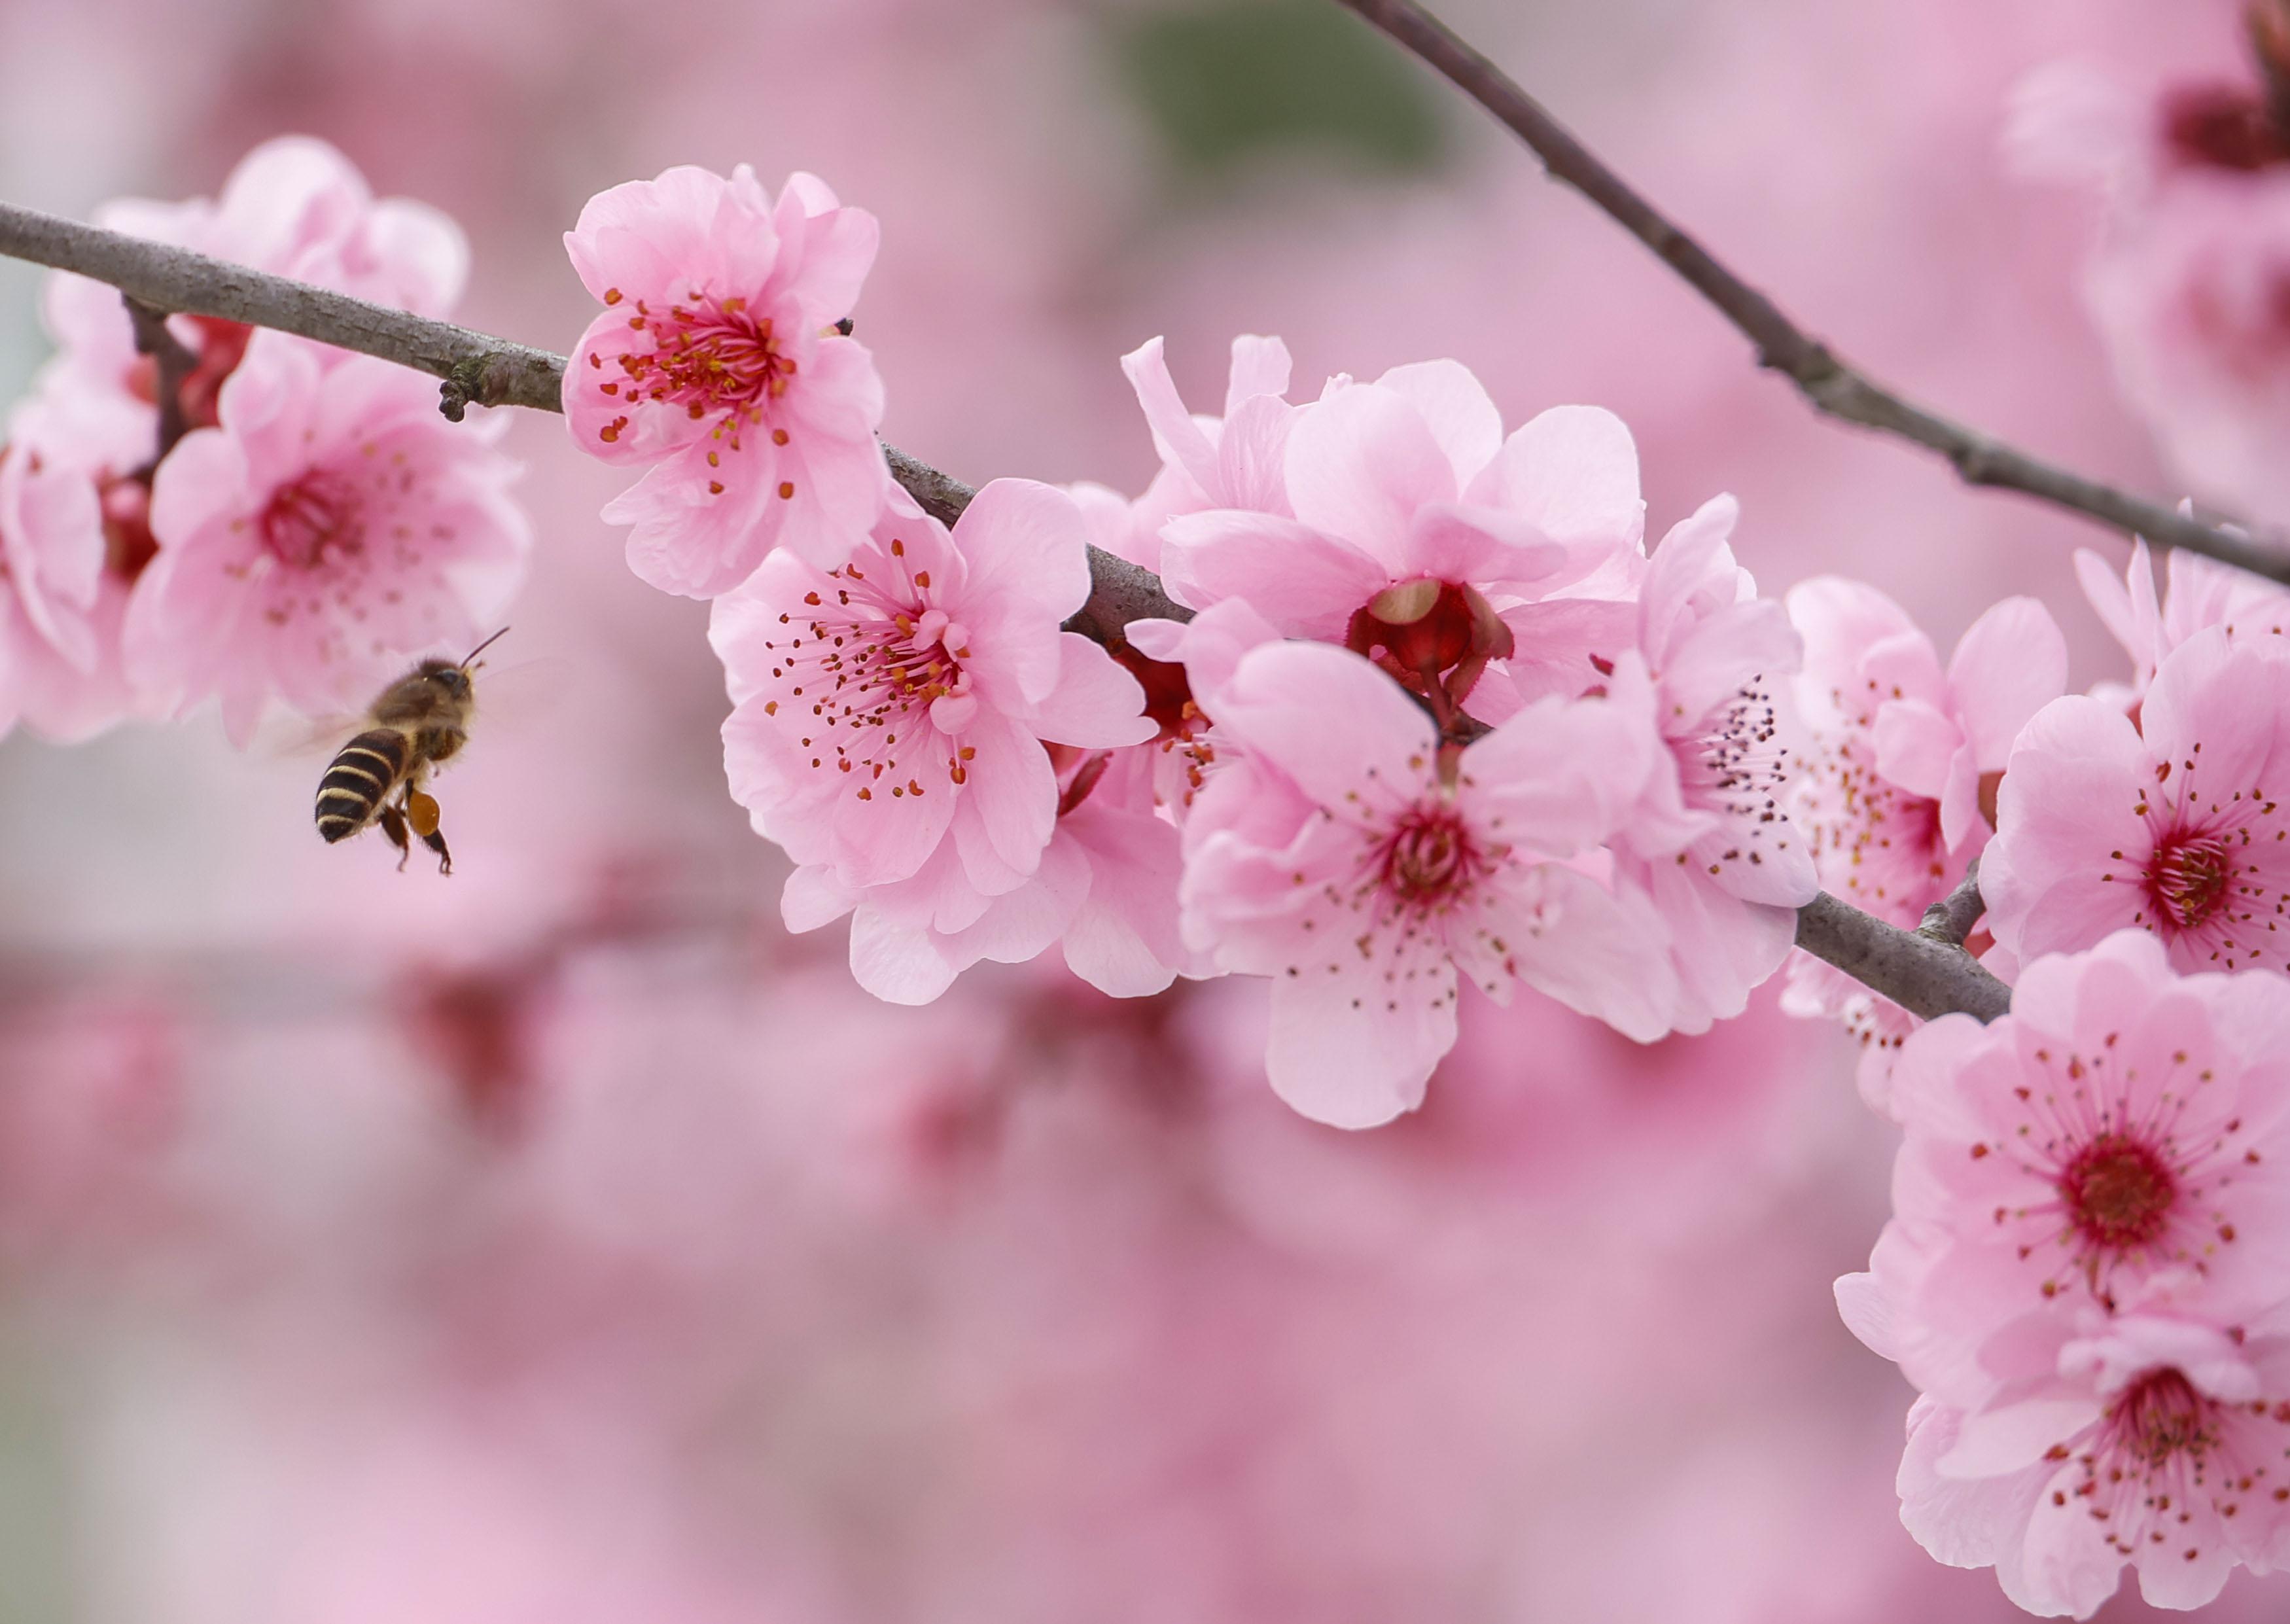 早春風物丨花兒悄悄綻放,隔著屏幕都沉醉了